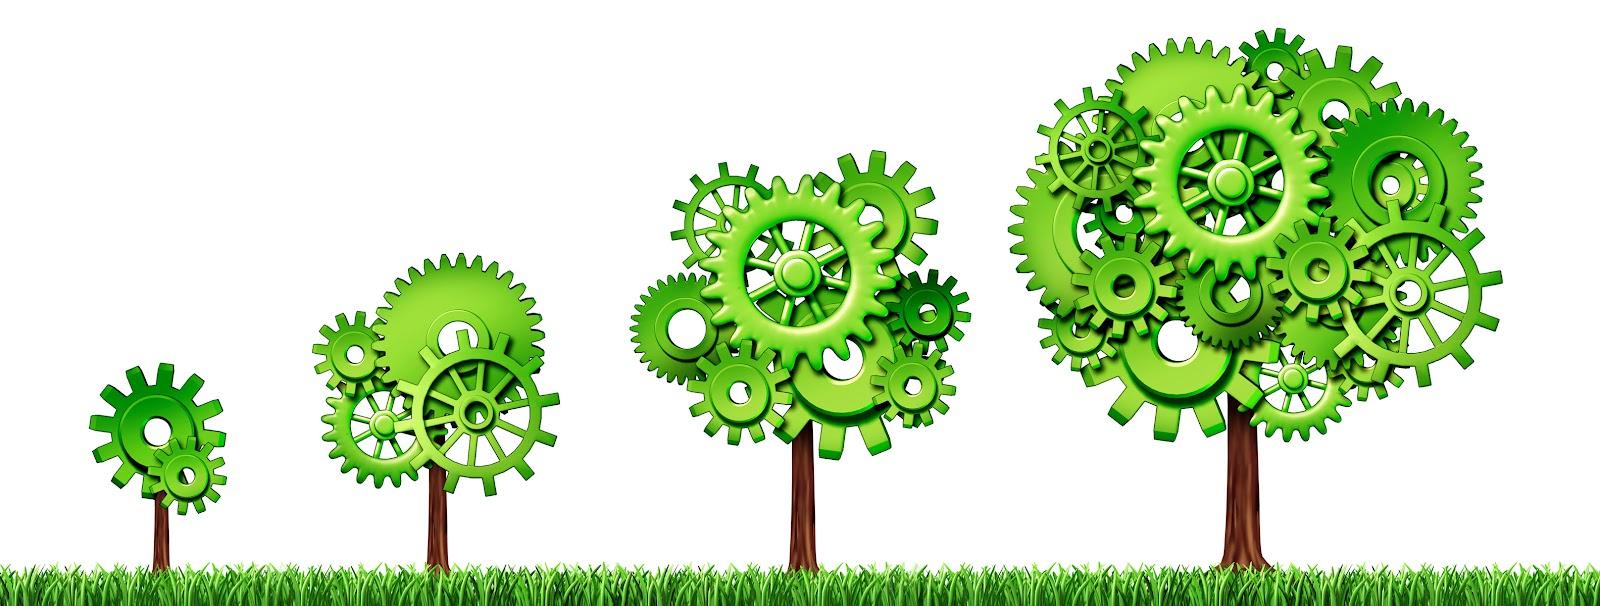 shutterstock_green-growth_71322319